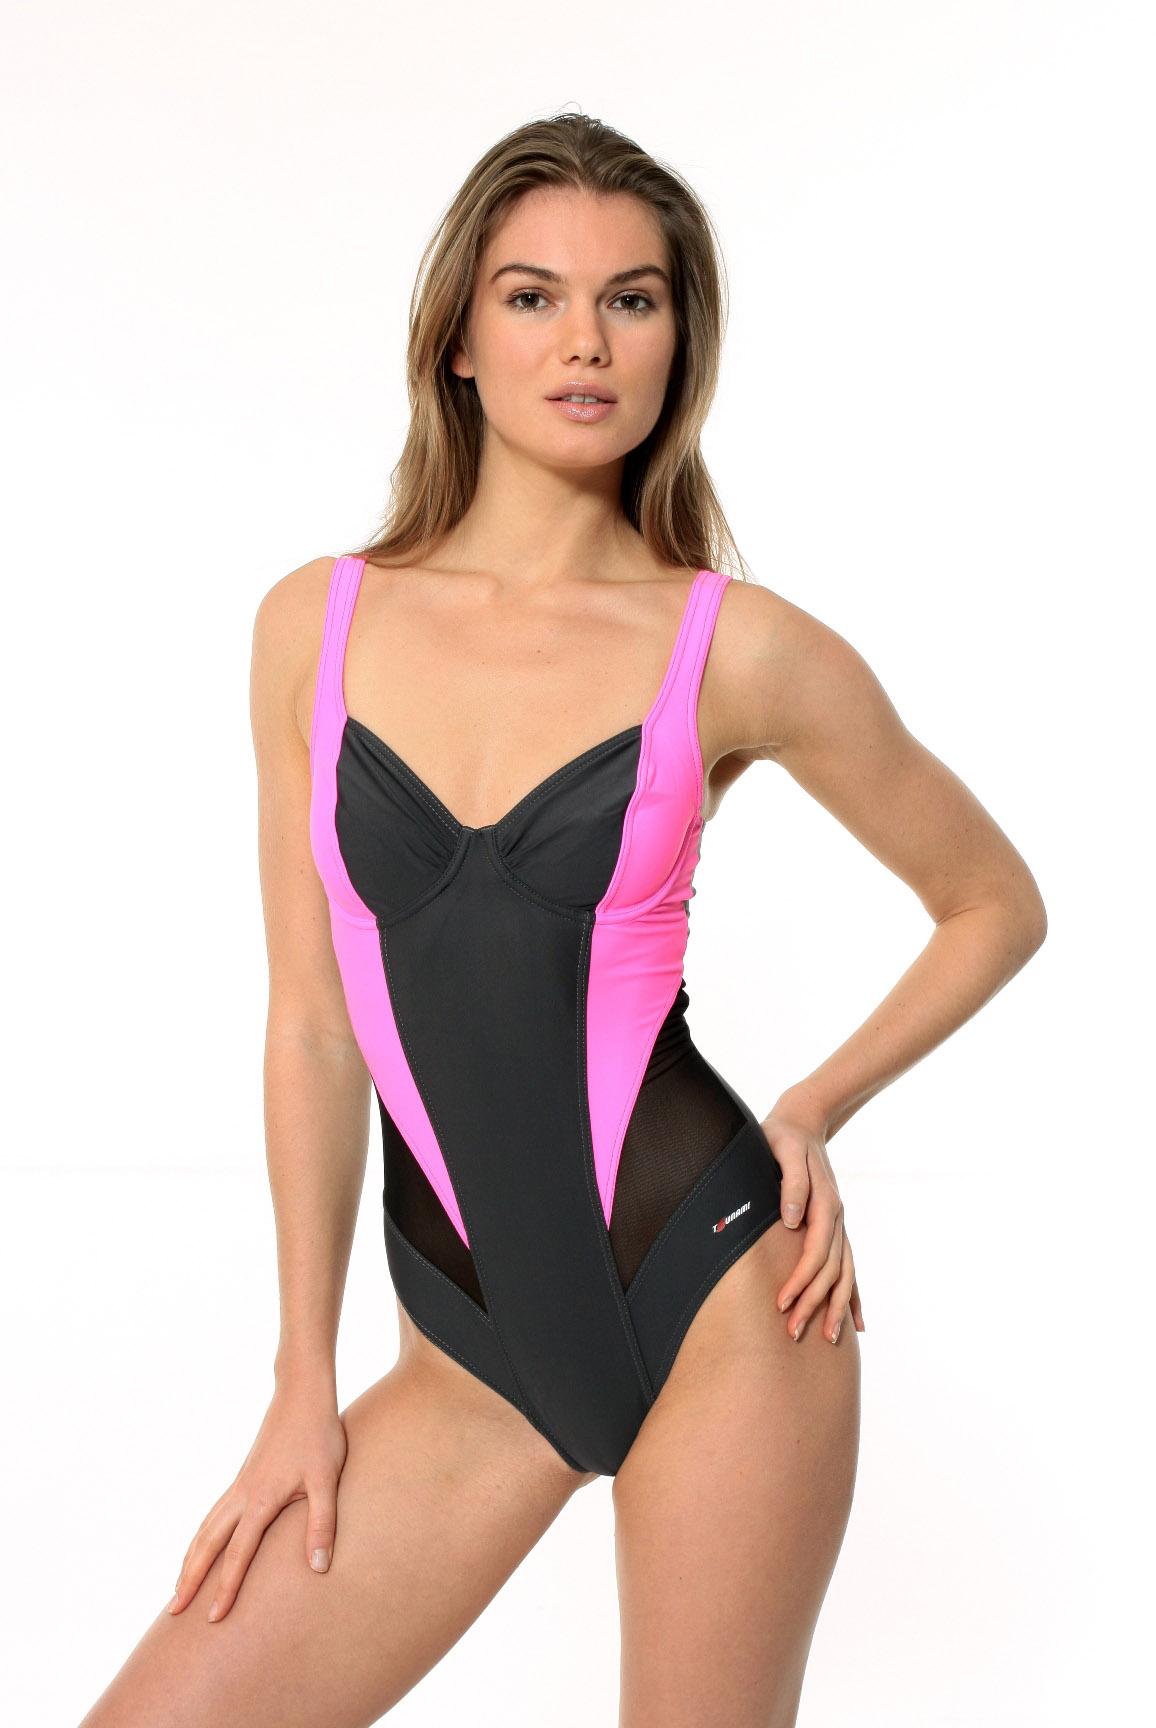 d49d15b0d3445 Профессиональные купальники для плавания изготавливаются по специальным  технологиям, фасоны выбираются с учетом всех особенностей этого вида спорта.